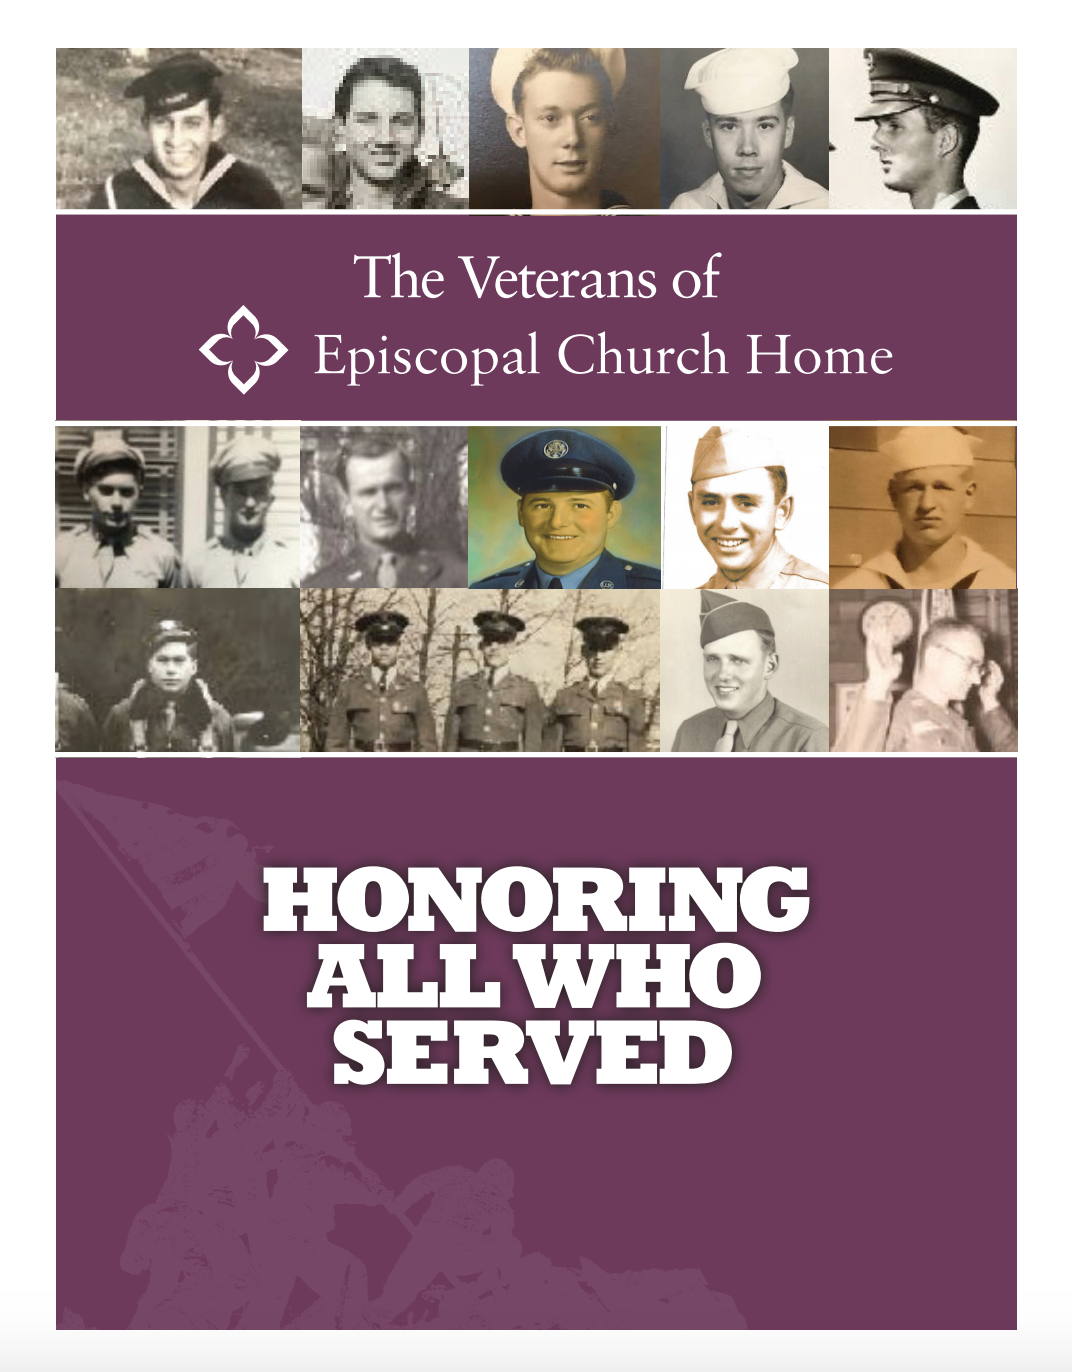 Veterans-ECH2020-a